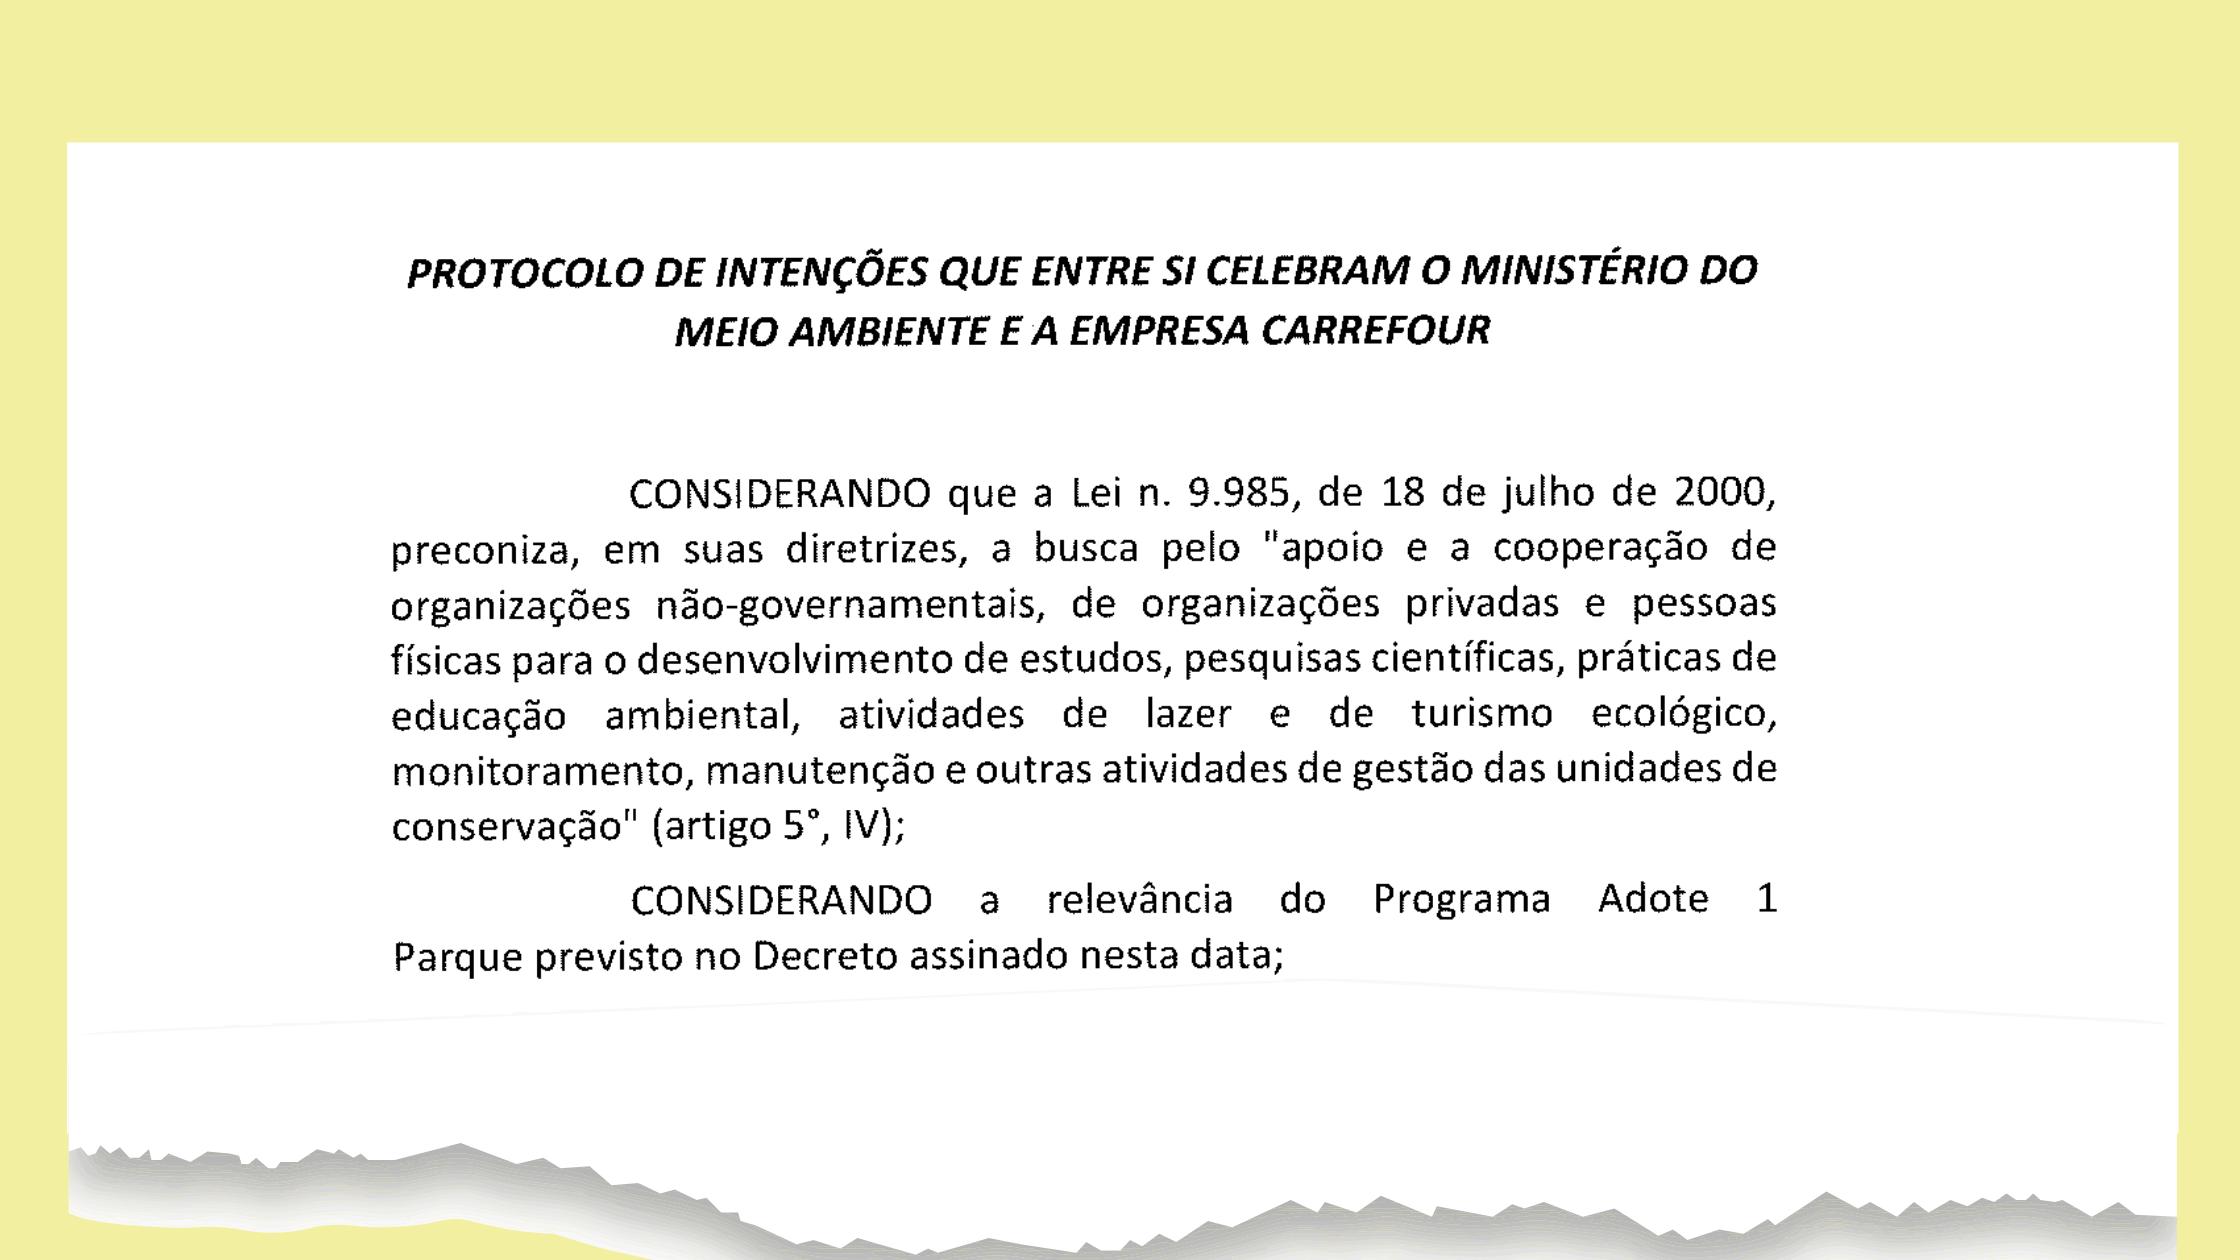 Protocolo de intenções - Adote um Parque - Carrefour (trecho)